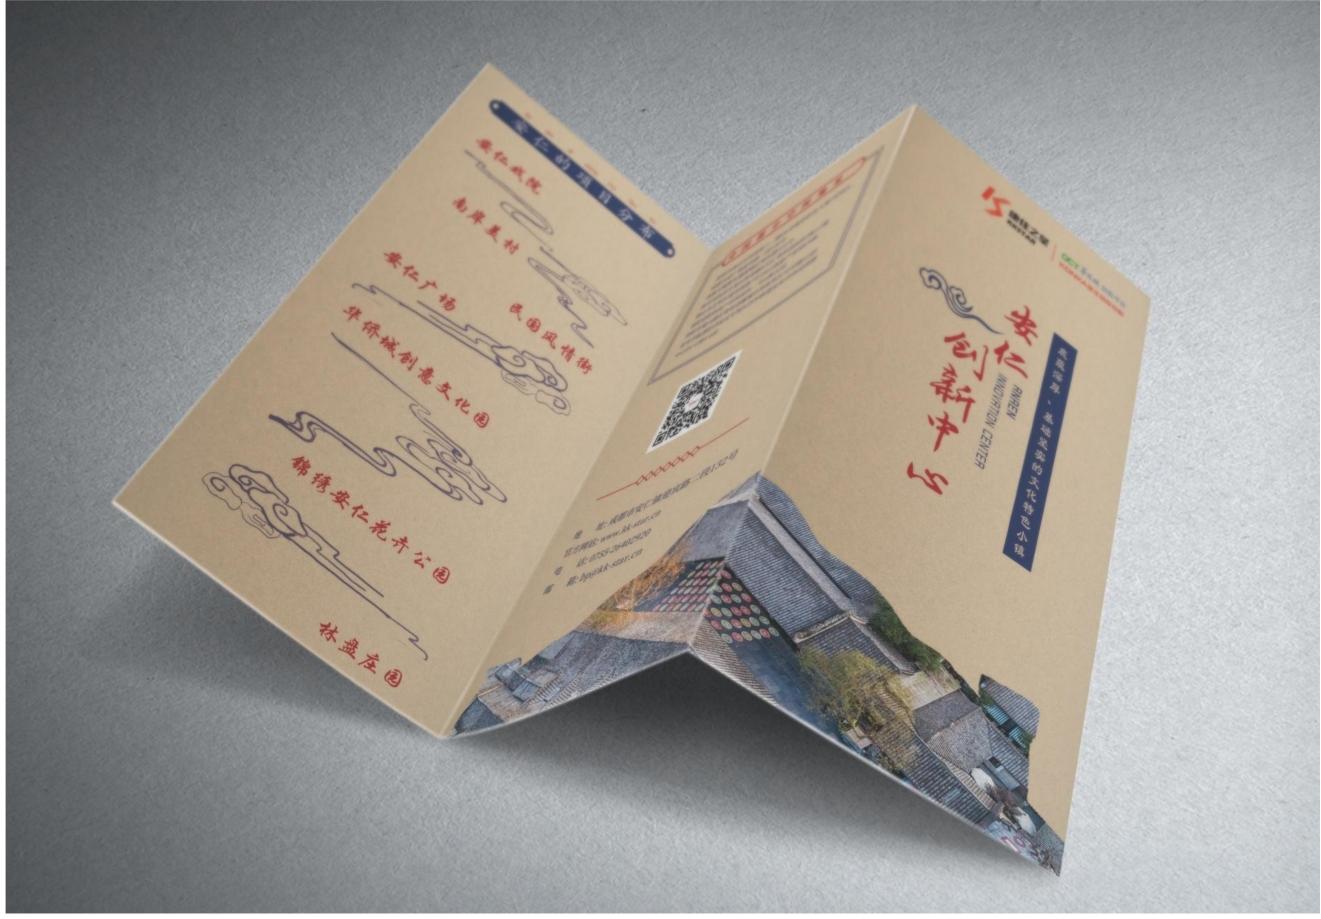 宣传物料设计企业公司产品画册单页折页PPT广告设计图片